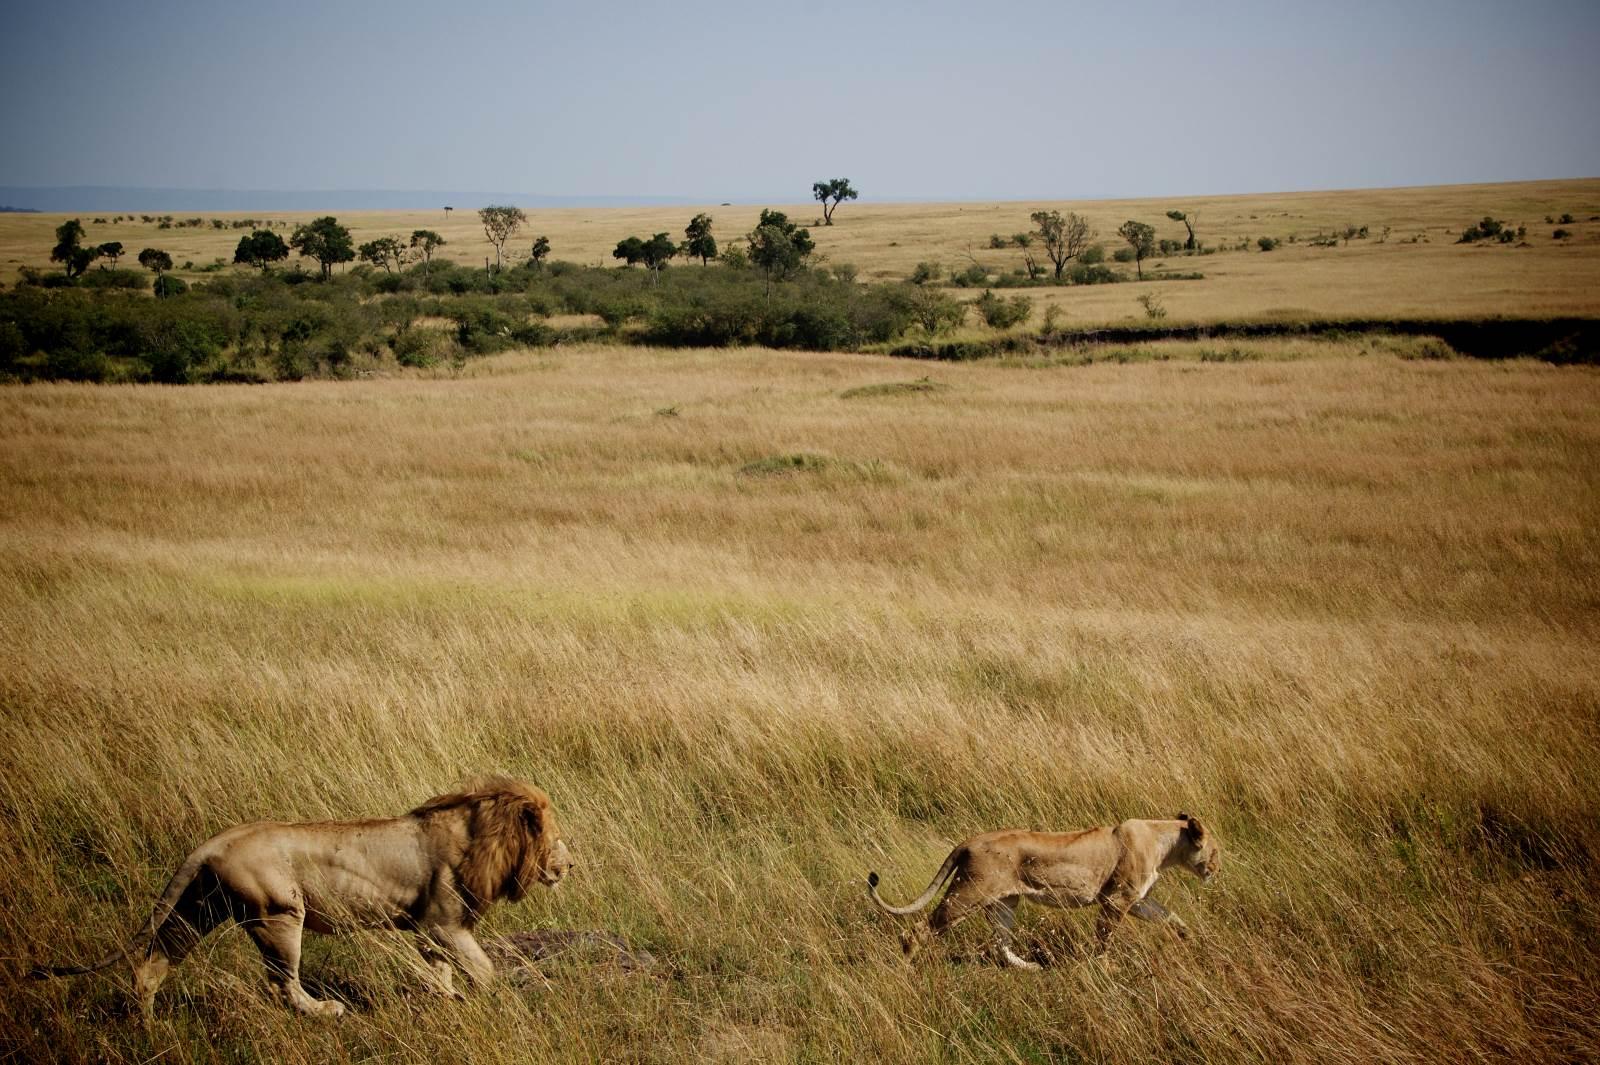 Safari durch die Masai Mara in Kenia, Afrika mit Löwen Begegnungen